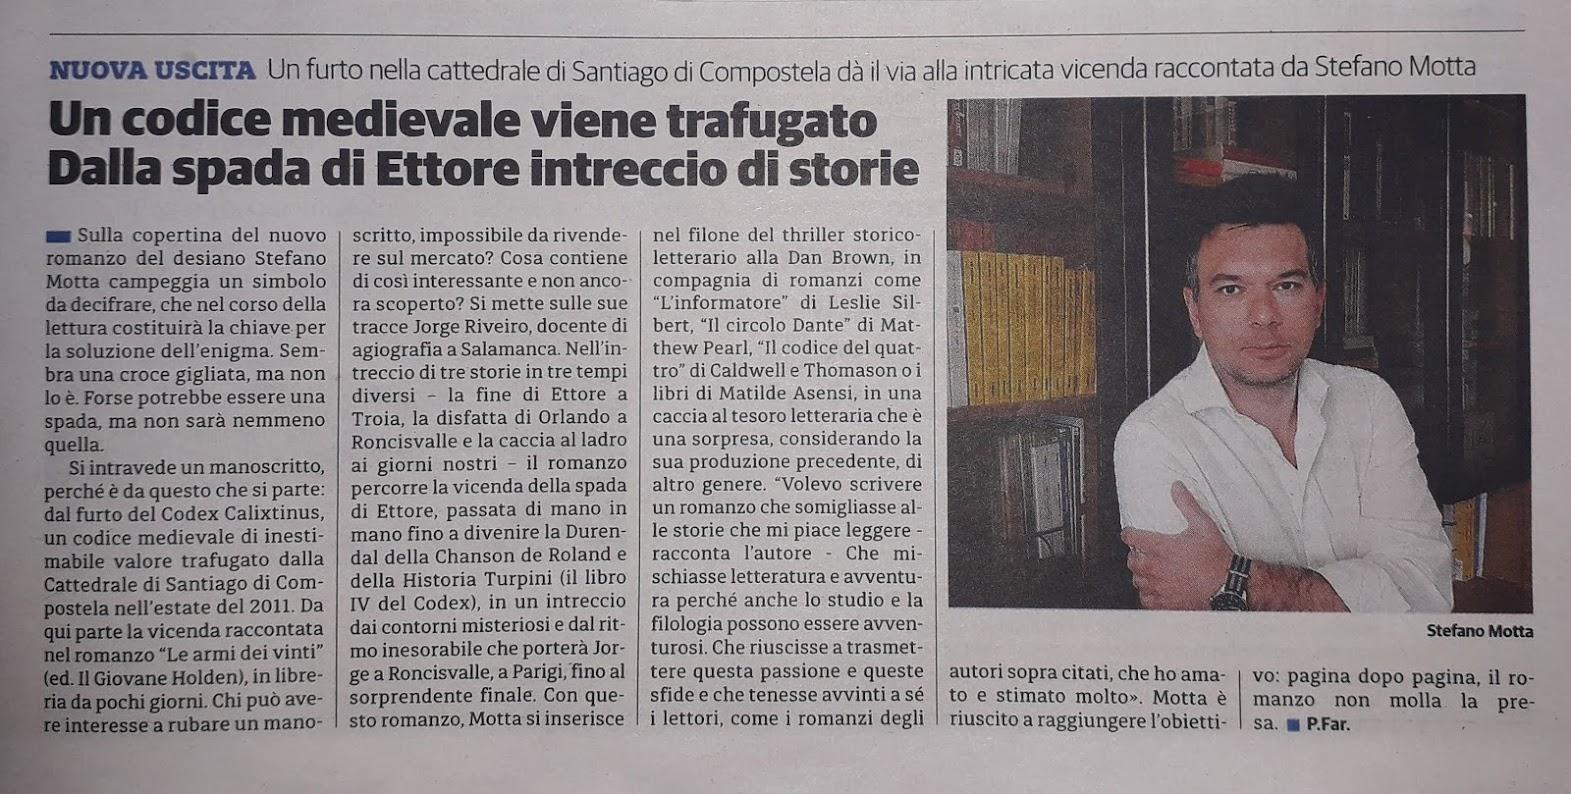 Il Cittadino_25-07-20, p. 11